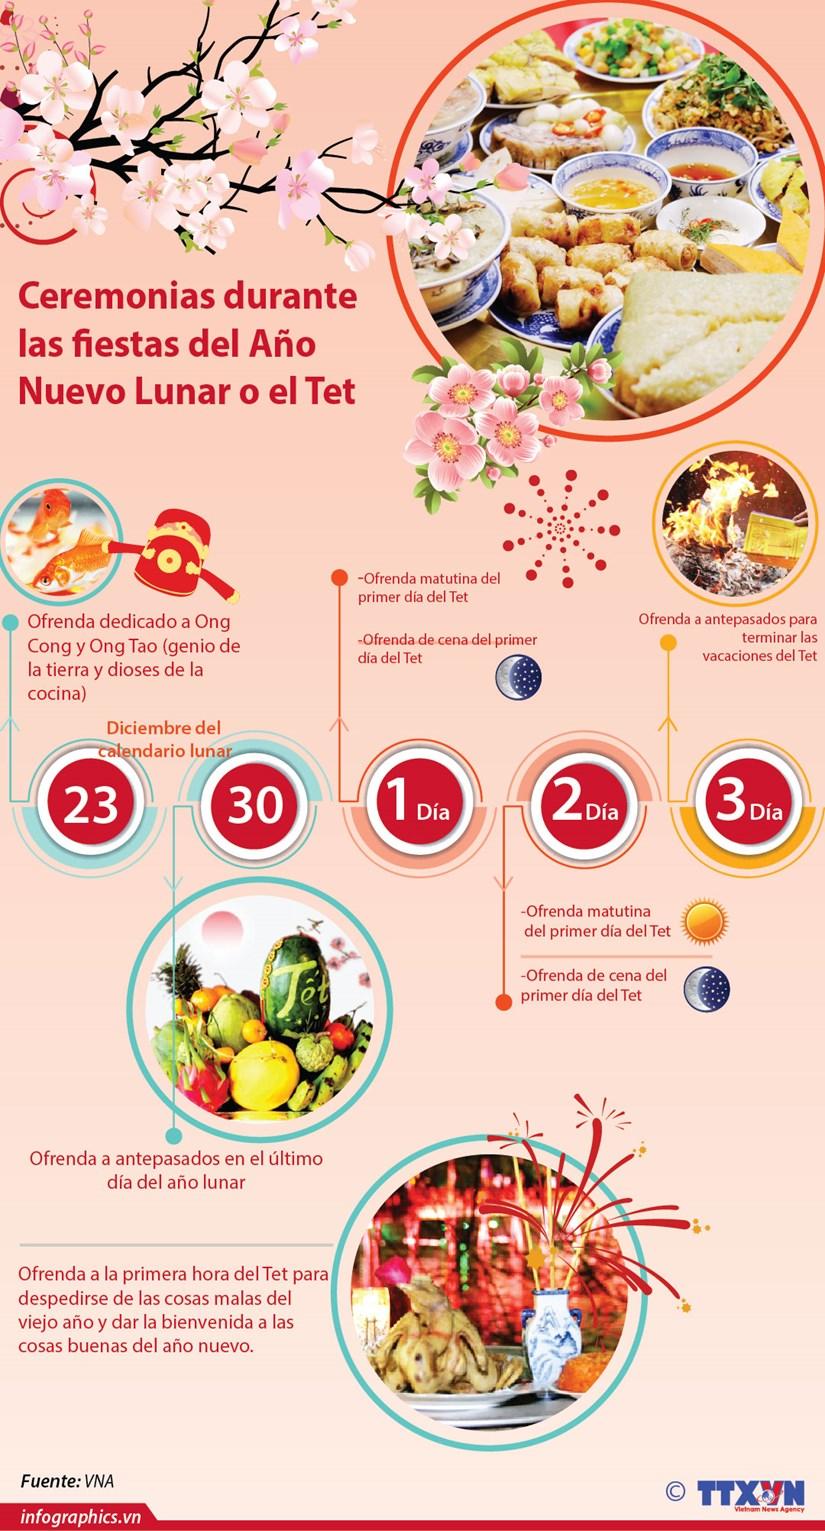 [Info] Ceremonias durante las fiestas del Ano Nuevo Lunar o el Tet hinh anh 1